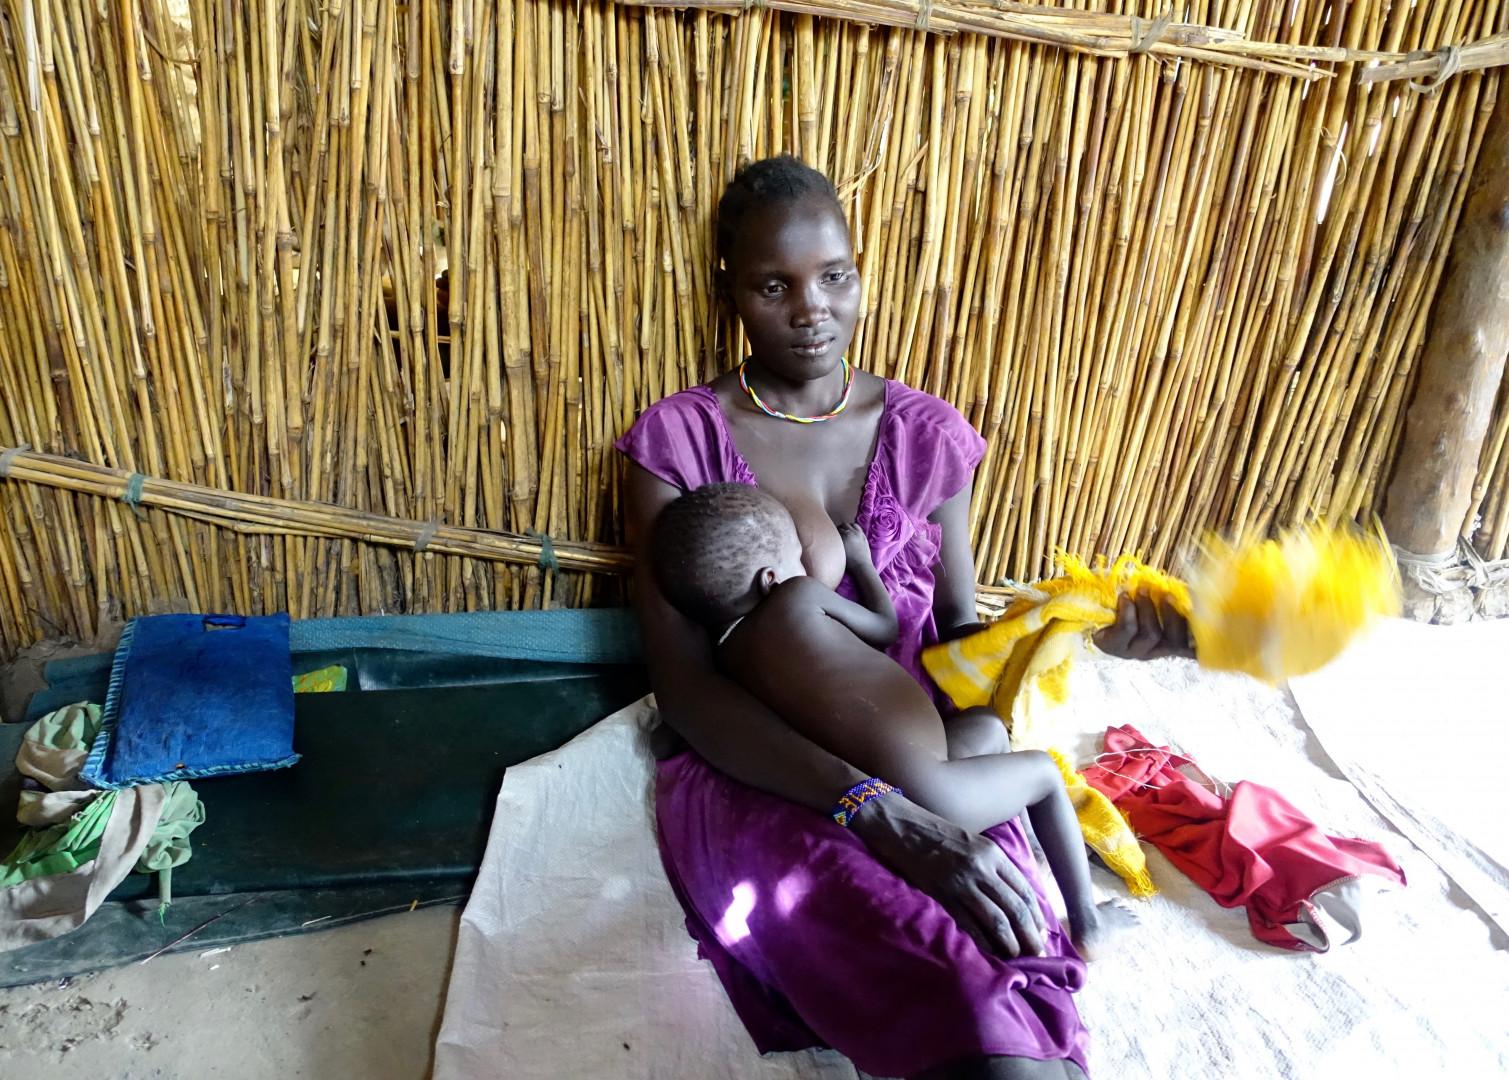 Une mère nourrit son enfant au sein dans son habitation.